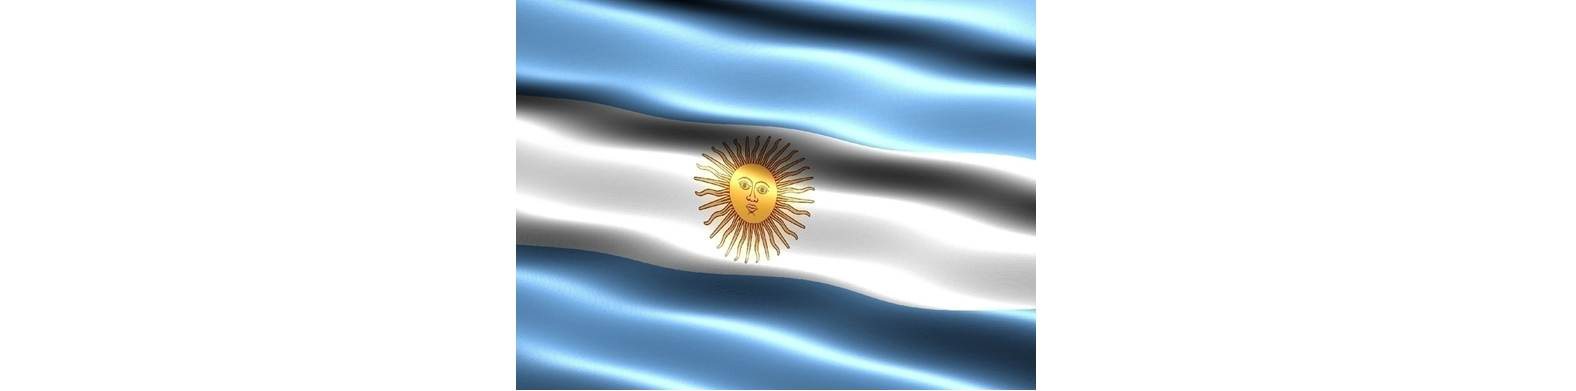 blog-du-vin.fr- vins argentins